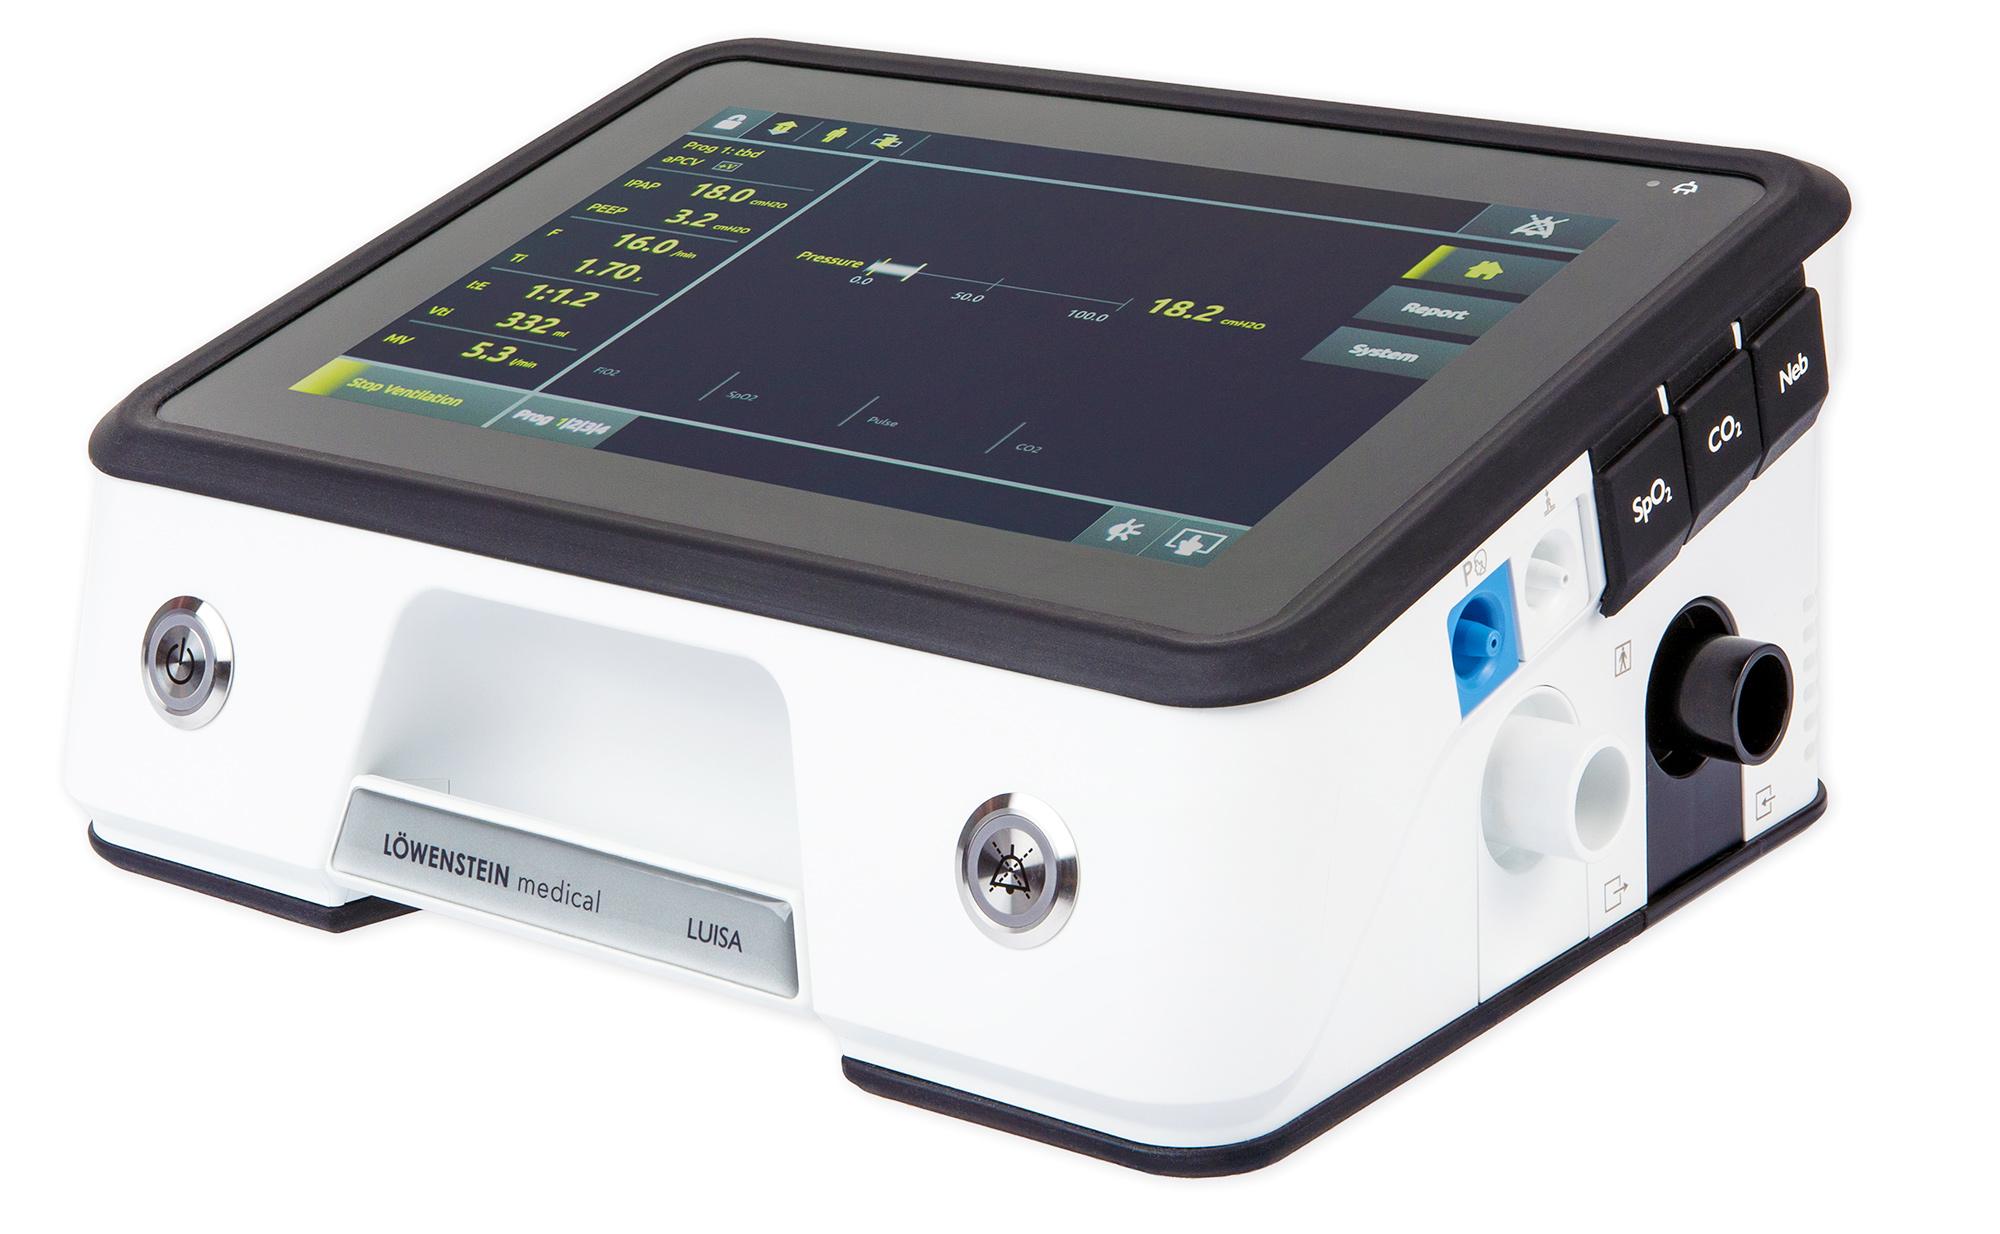 LUISA - Аппарат ИВЛ для жизнеобеспечивающей искусственной вентиляции легких